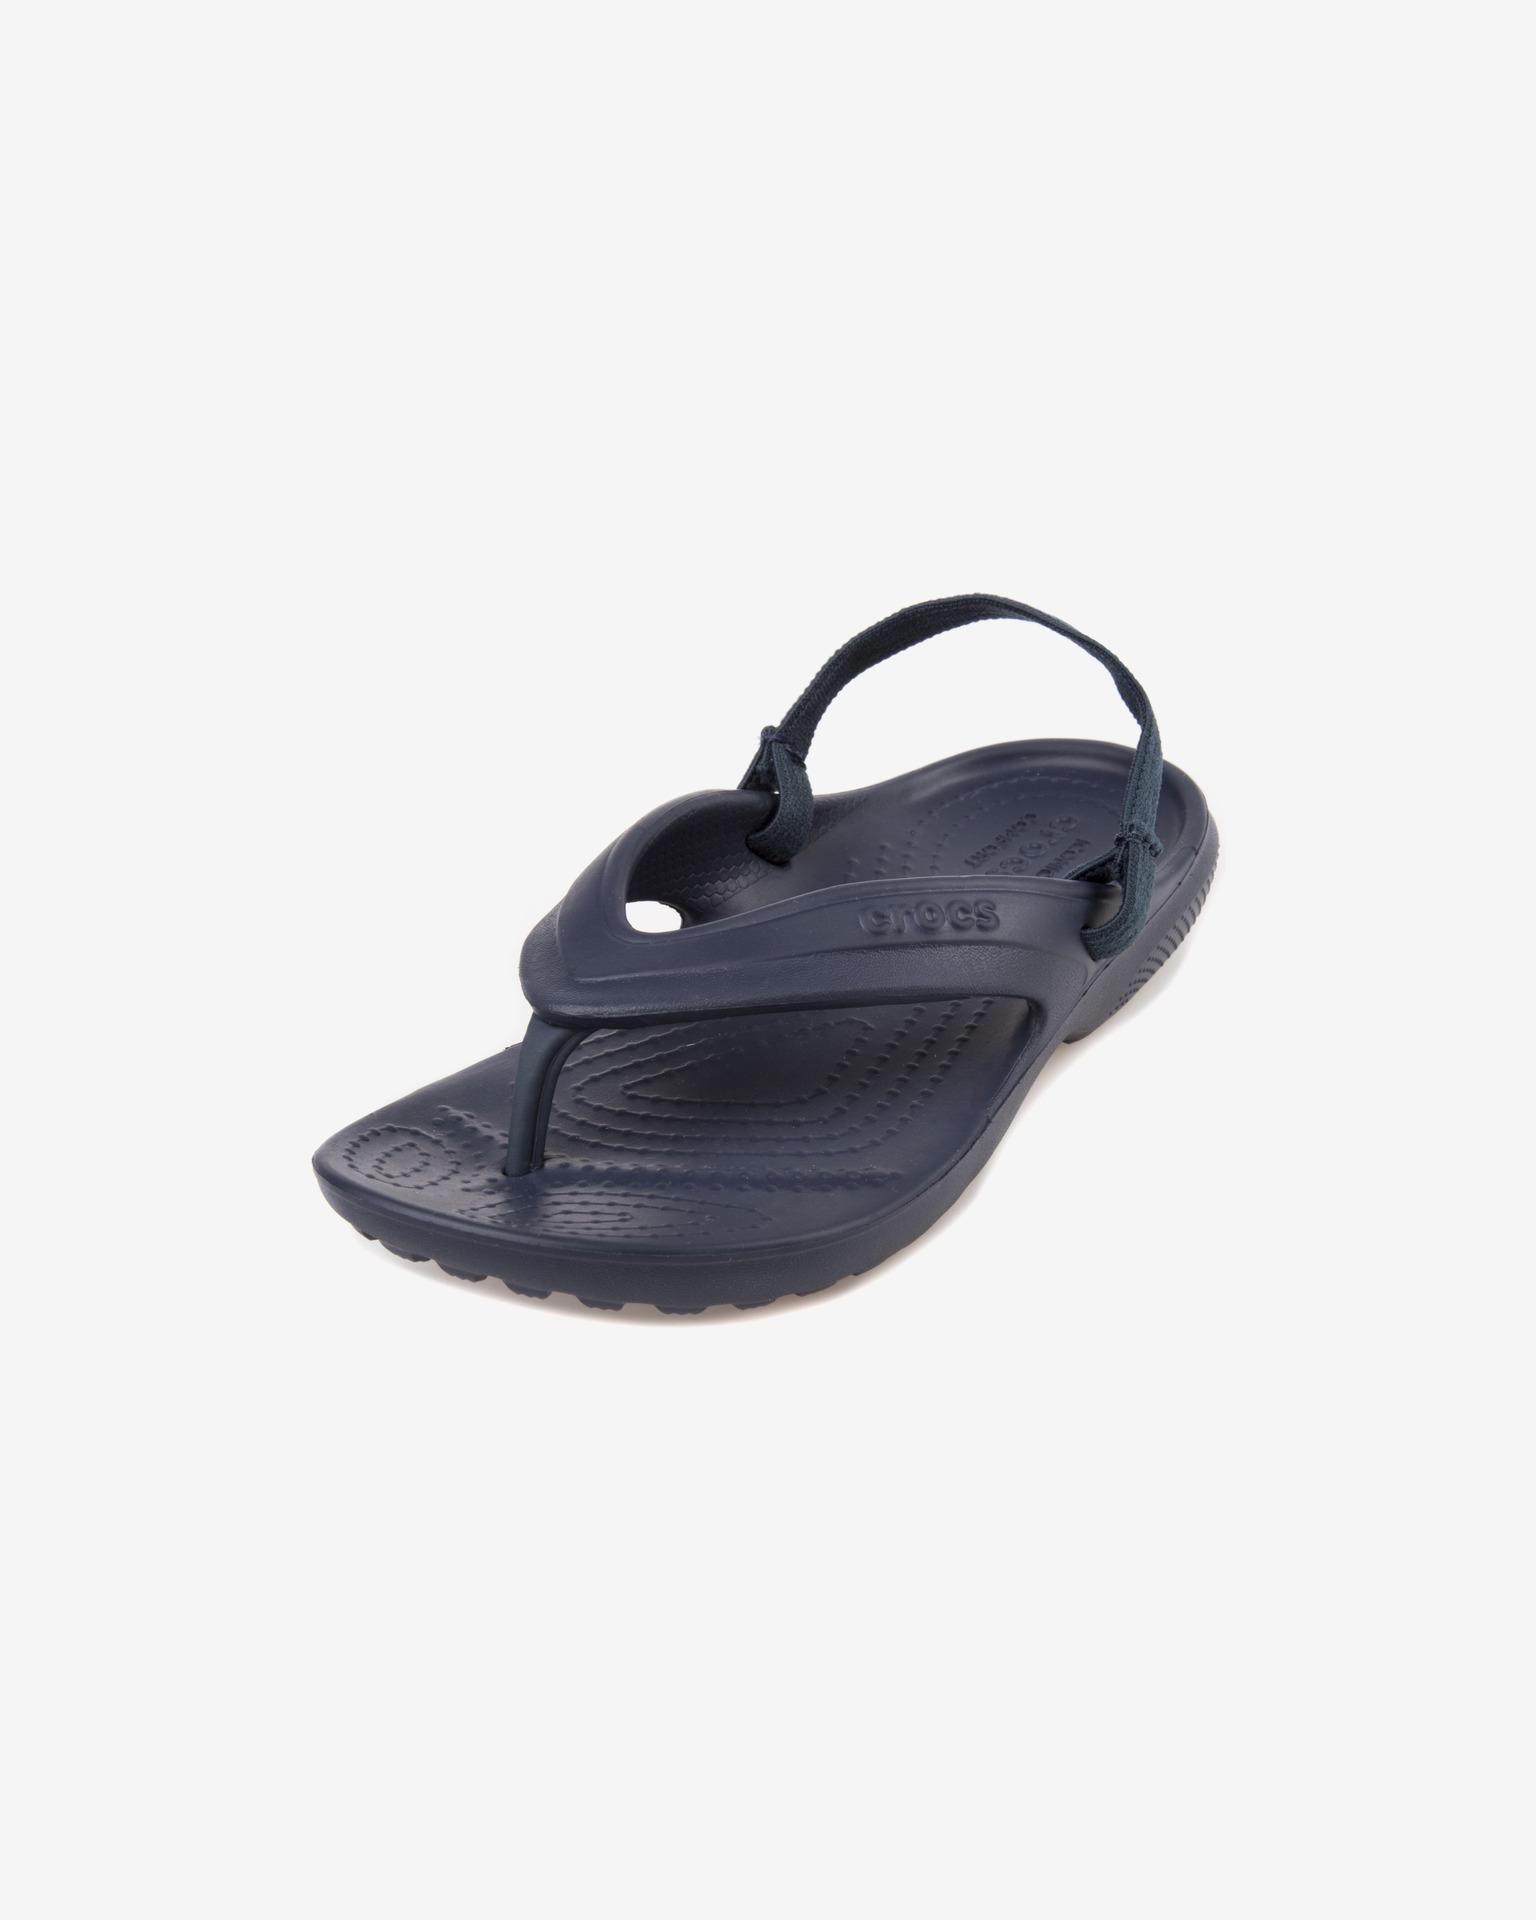 e2e55c17364 Crocs - Classic Flip Žabky detské